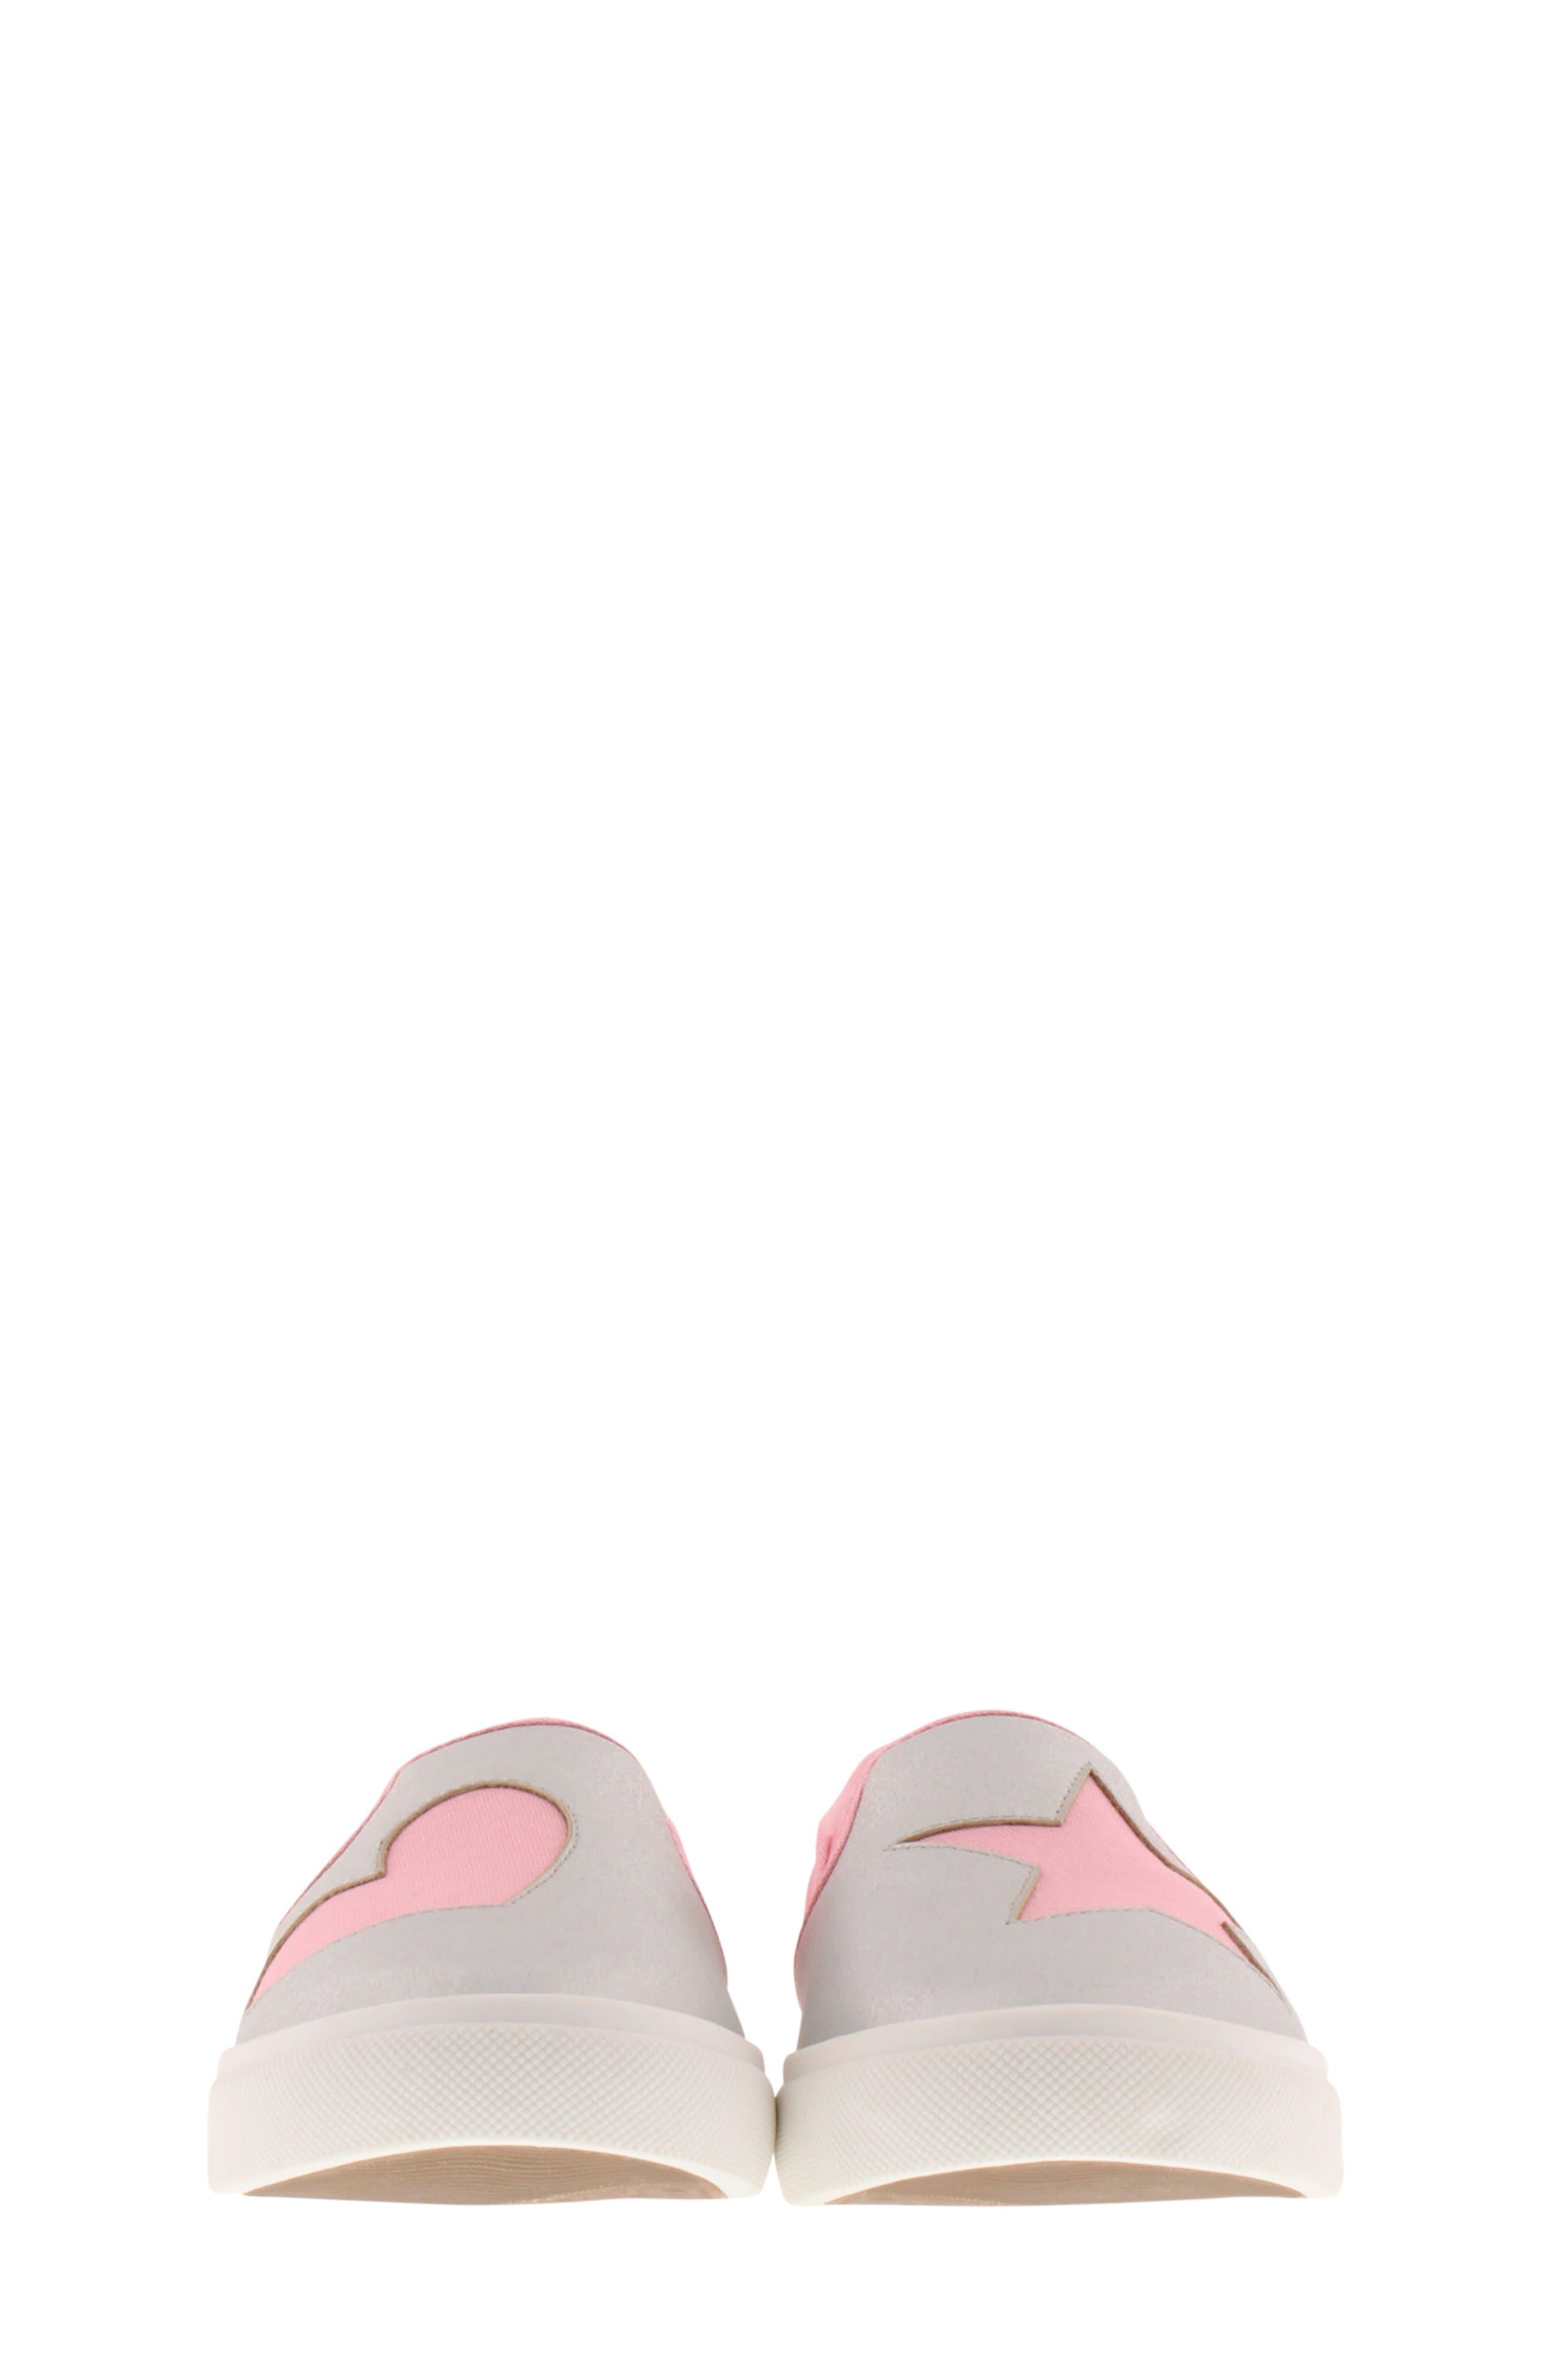 CHOOZE, Little Choice Starheart Slip-On Sneaker, Alternate thumbnail 4, color, SILVER